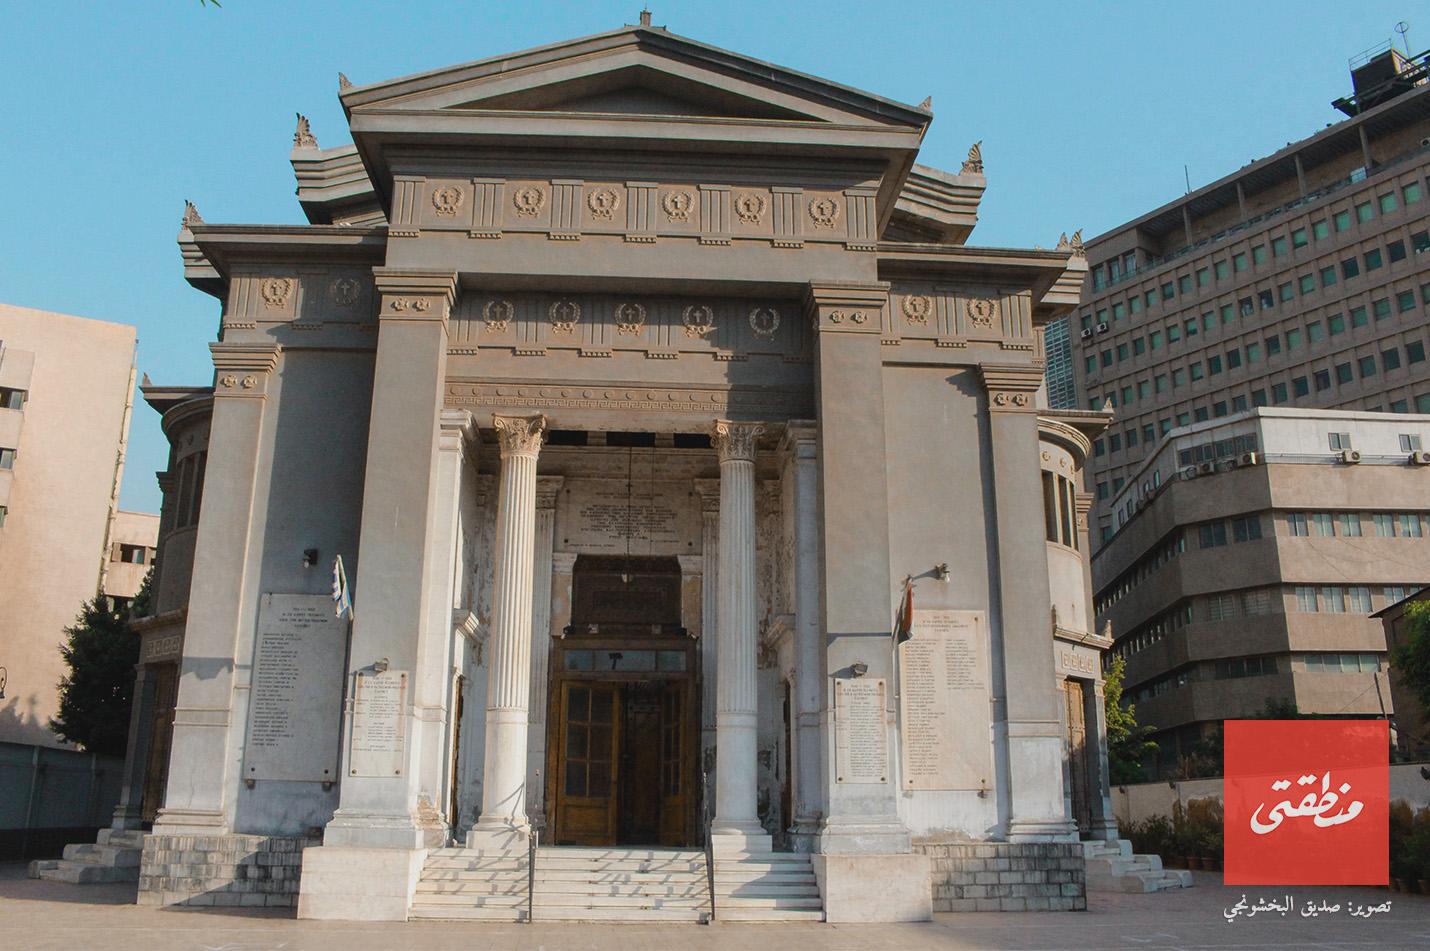 الكنيسة اليونانية بالإسعاف - تصوير صديق البخشونجي